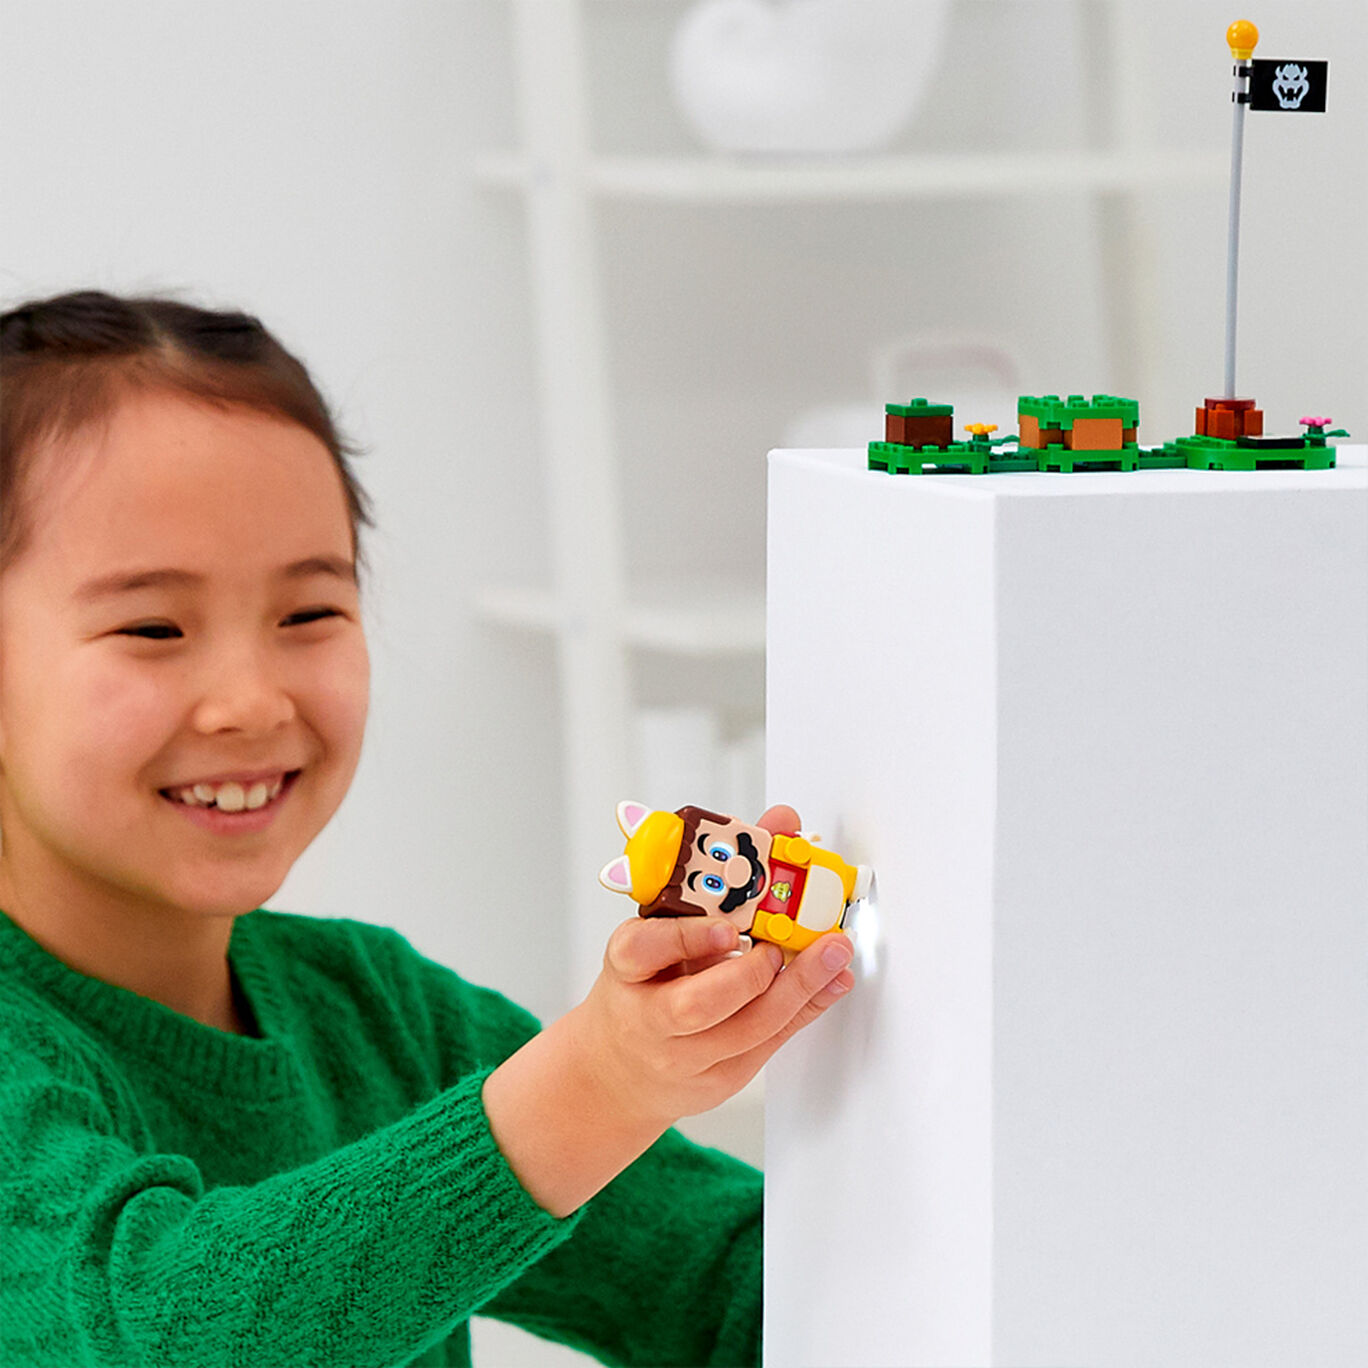 レゴ(R)スーパーマリオ ネコマリオ パワーアップ パック